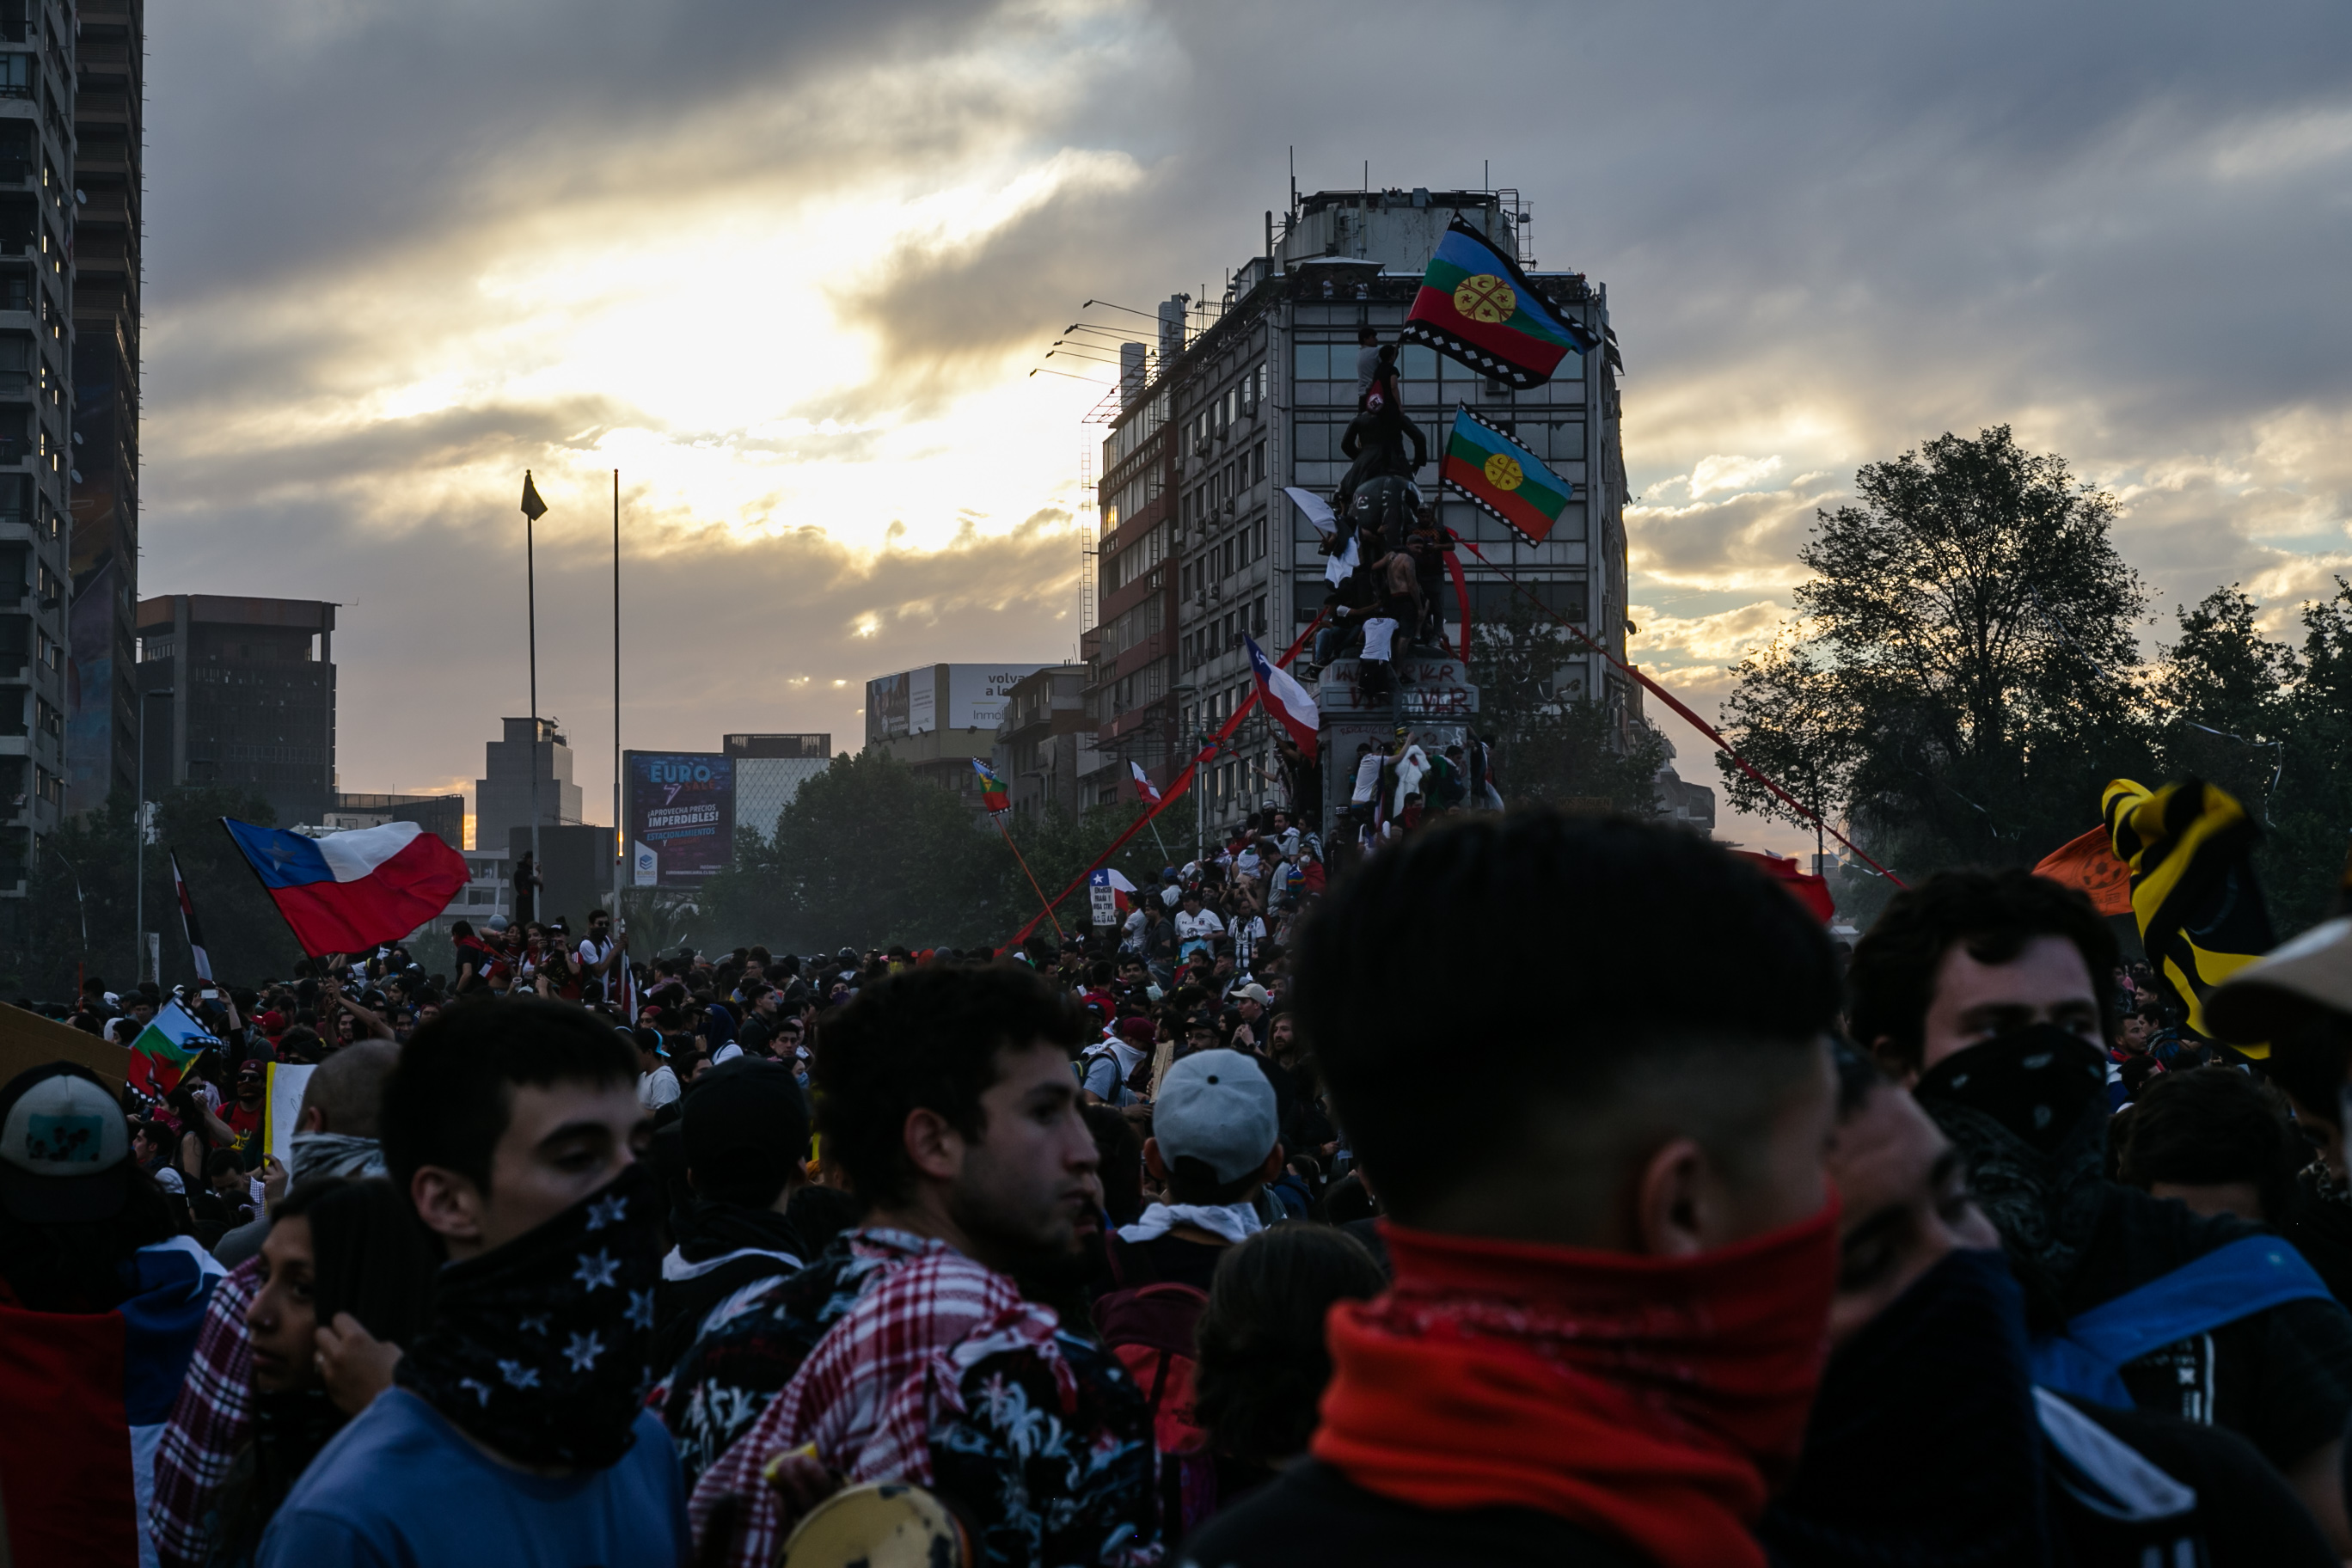 Distintos gremios, organizaciones de la sociedad civil y ciudadanos de Santiago y otras partes de Chile se unieron a masivas protestas en todo el país en busca de cambios en la clase política.